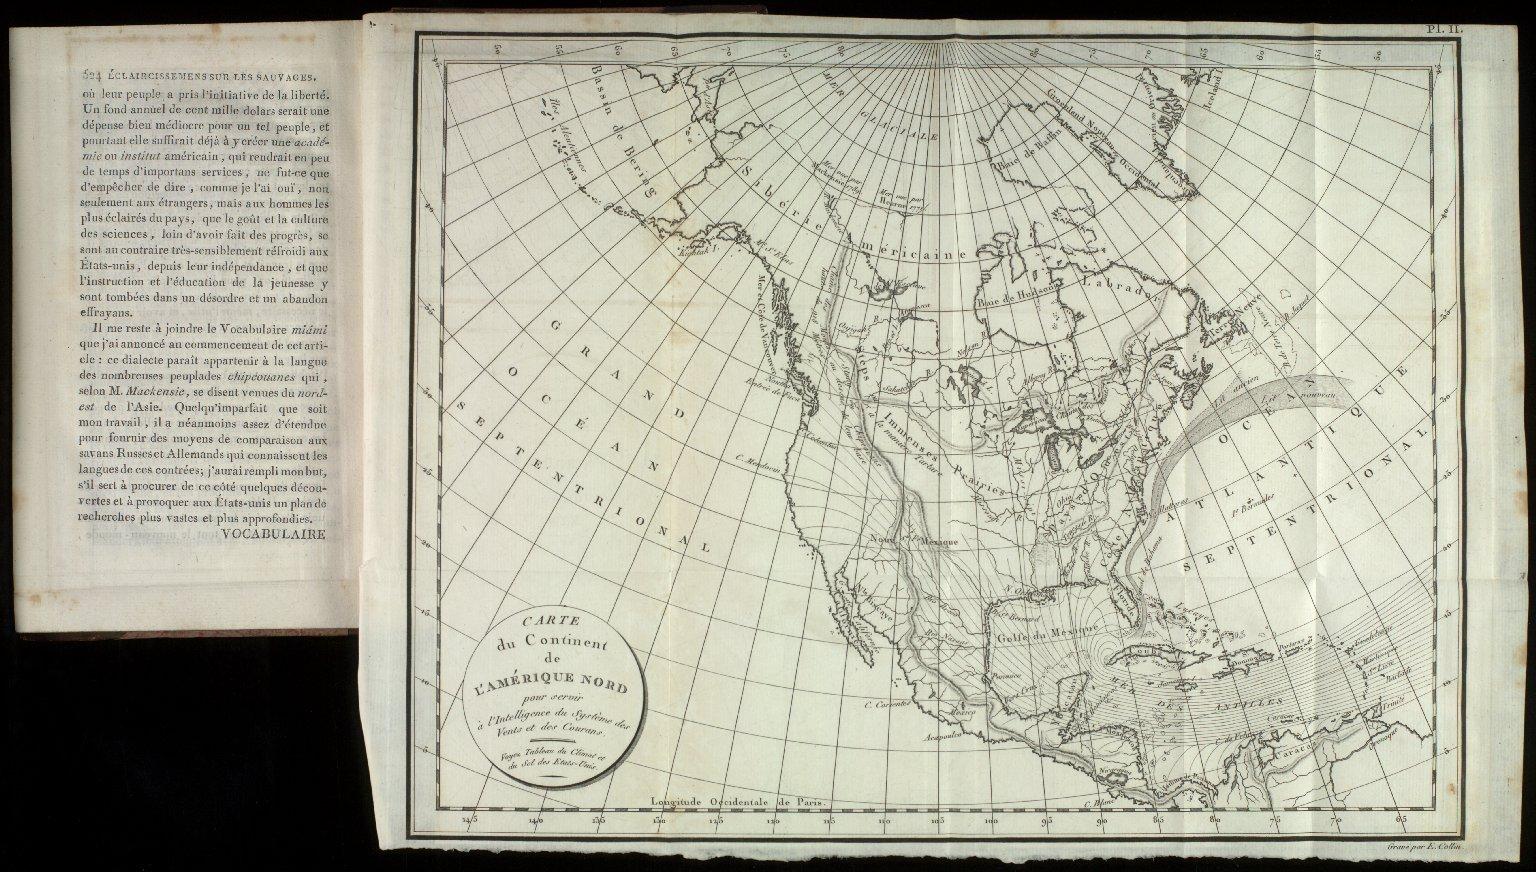 Tableau du Climat et du Sol des E?tats-Unis d'Ame?rique, 1803, pl.II, facing p.524